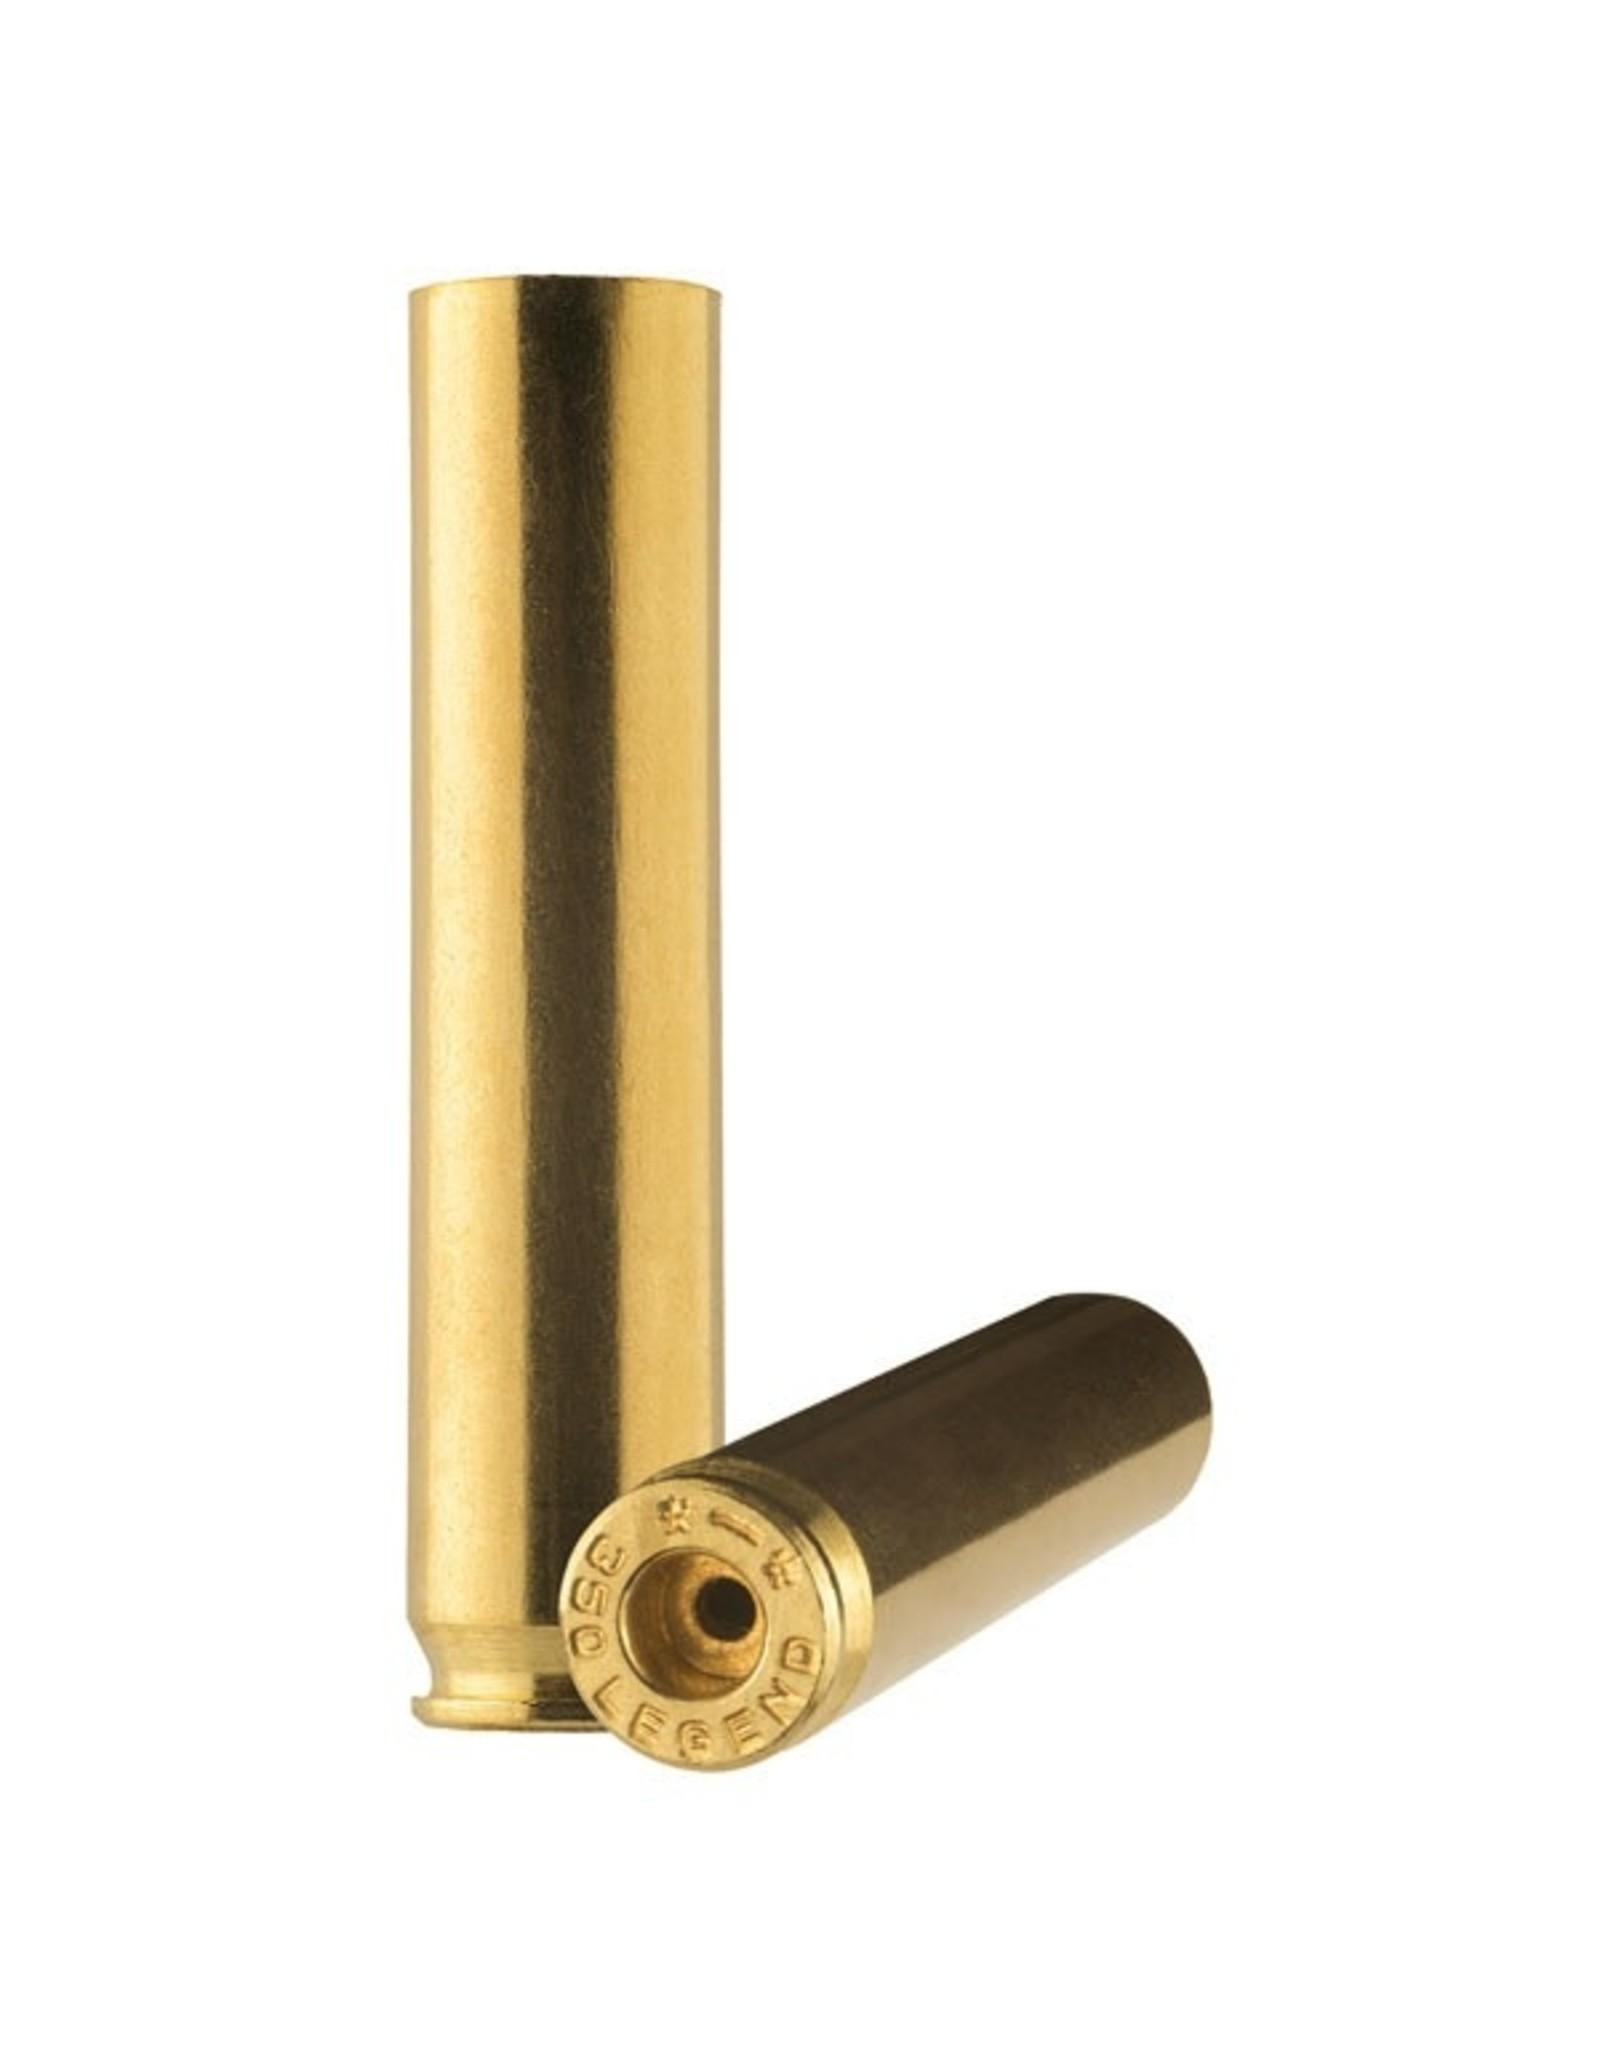 Starline - 350 Legend Brass 100 count